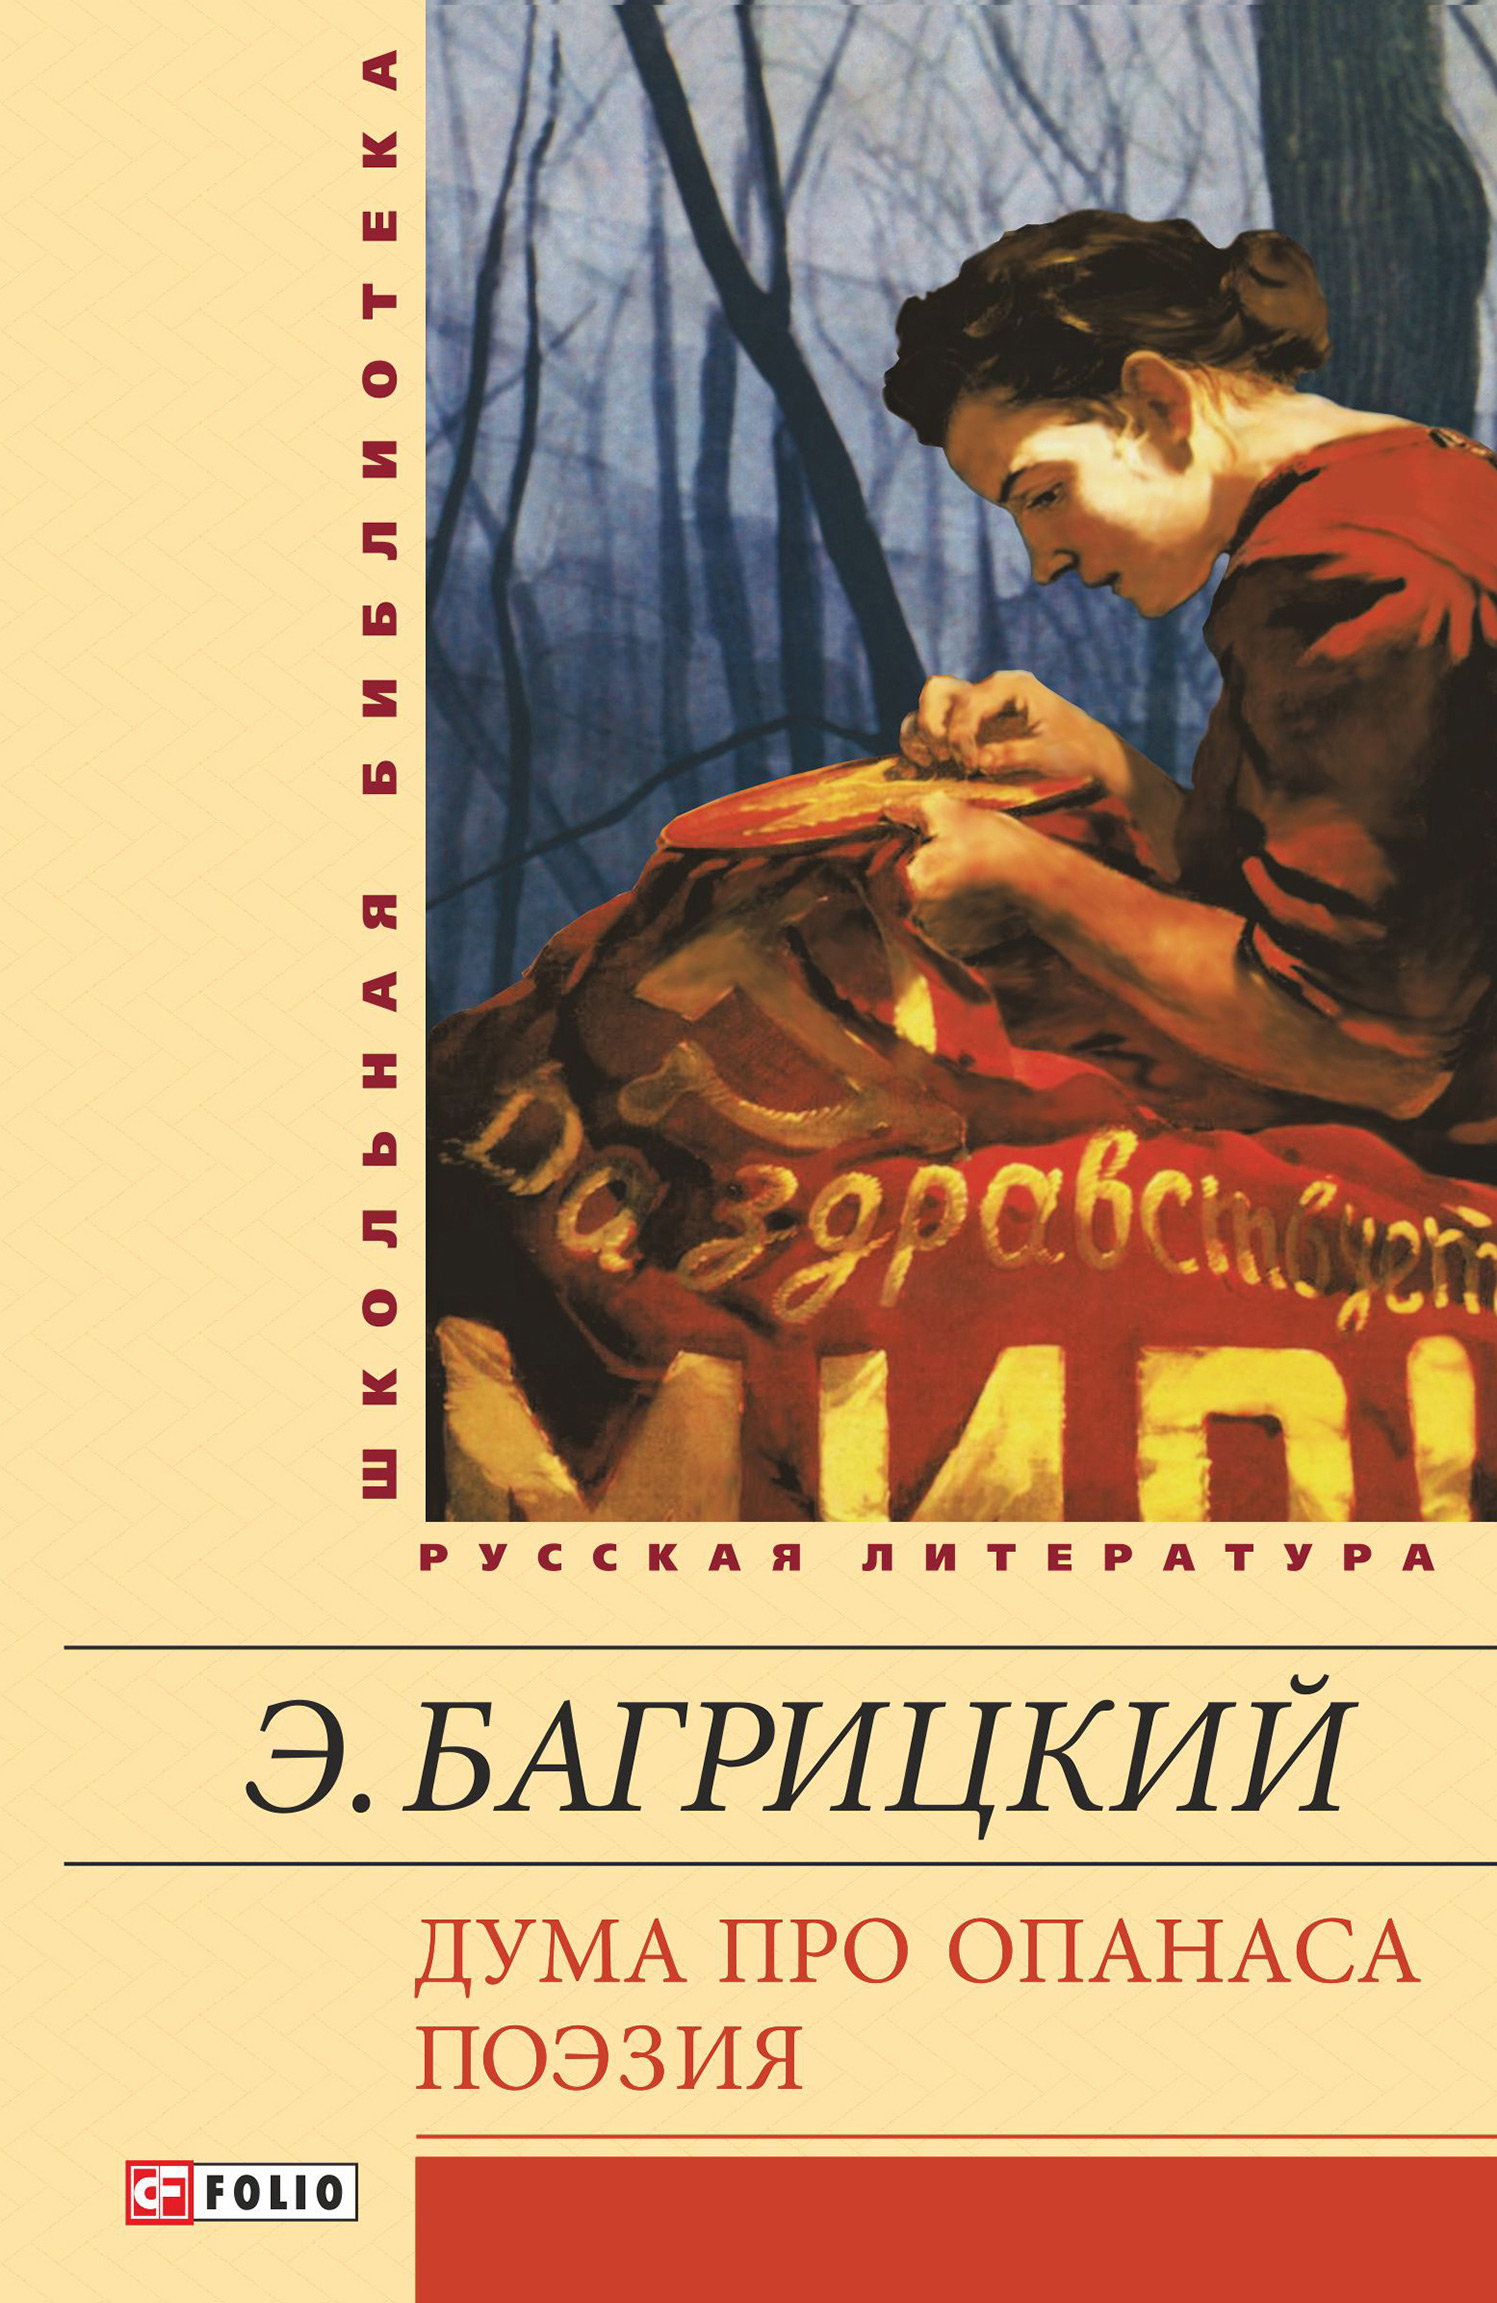 Эдуард Багрицкий Дума про Опанаса; Поэзия володимир худенко дума про хведьків рубіж